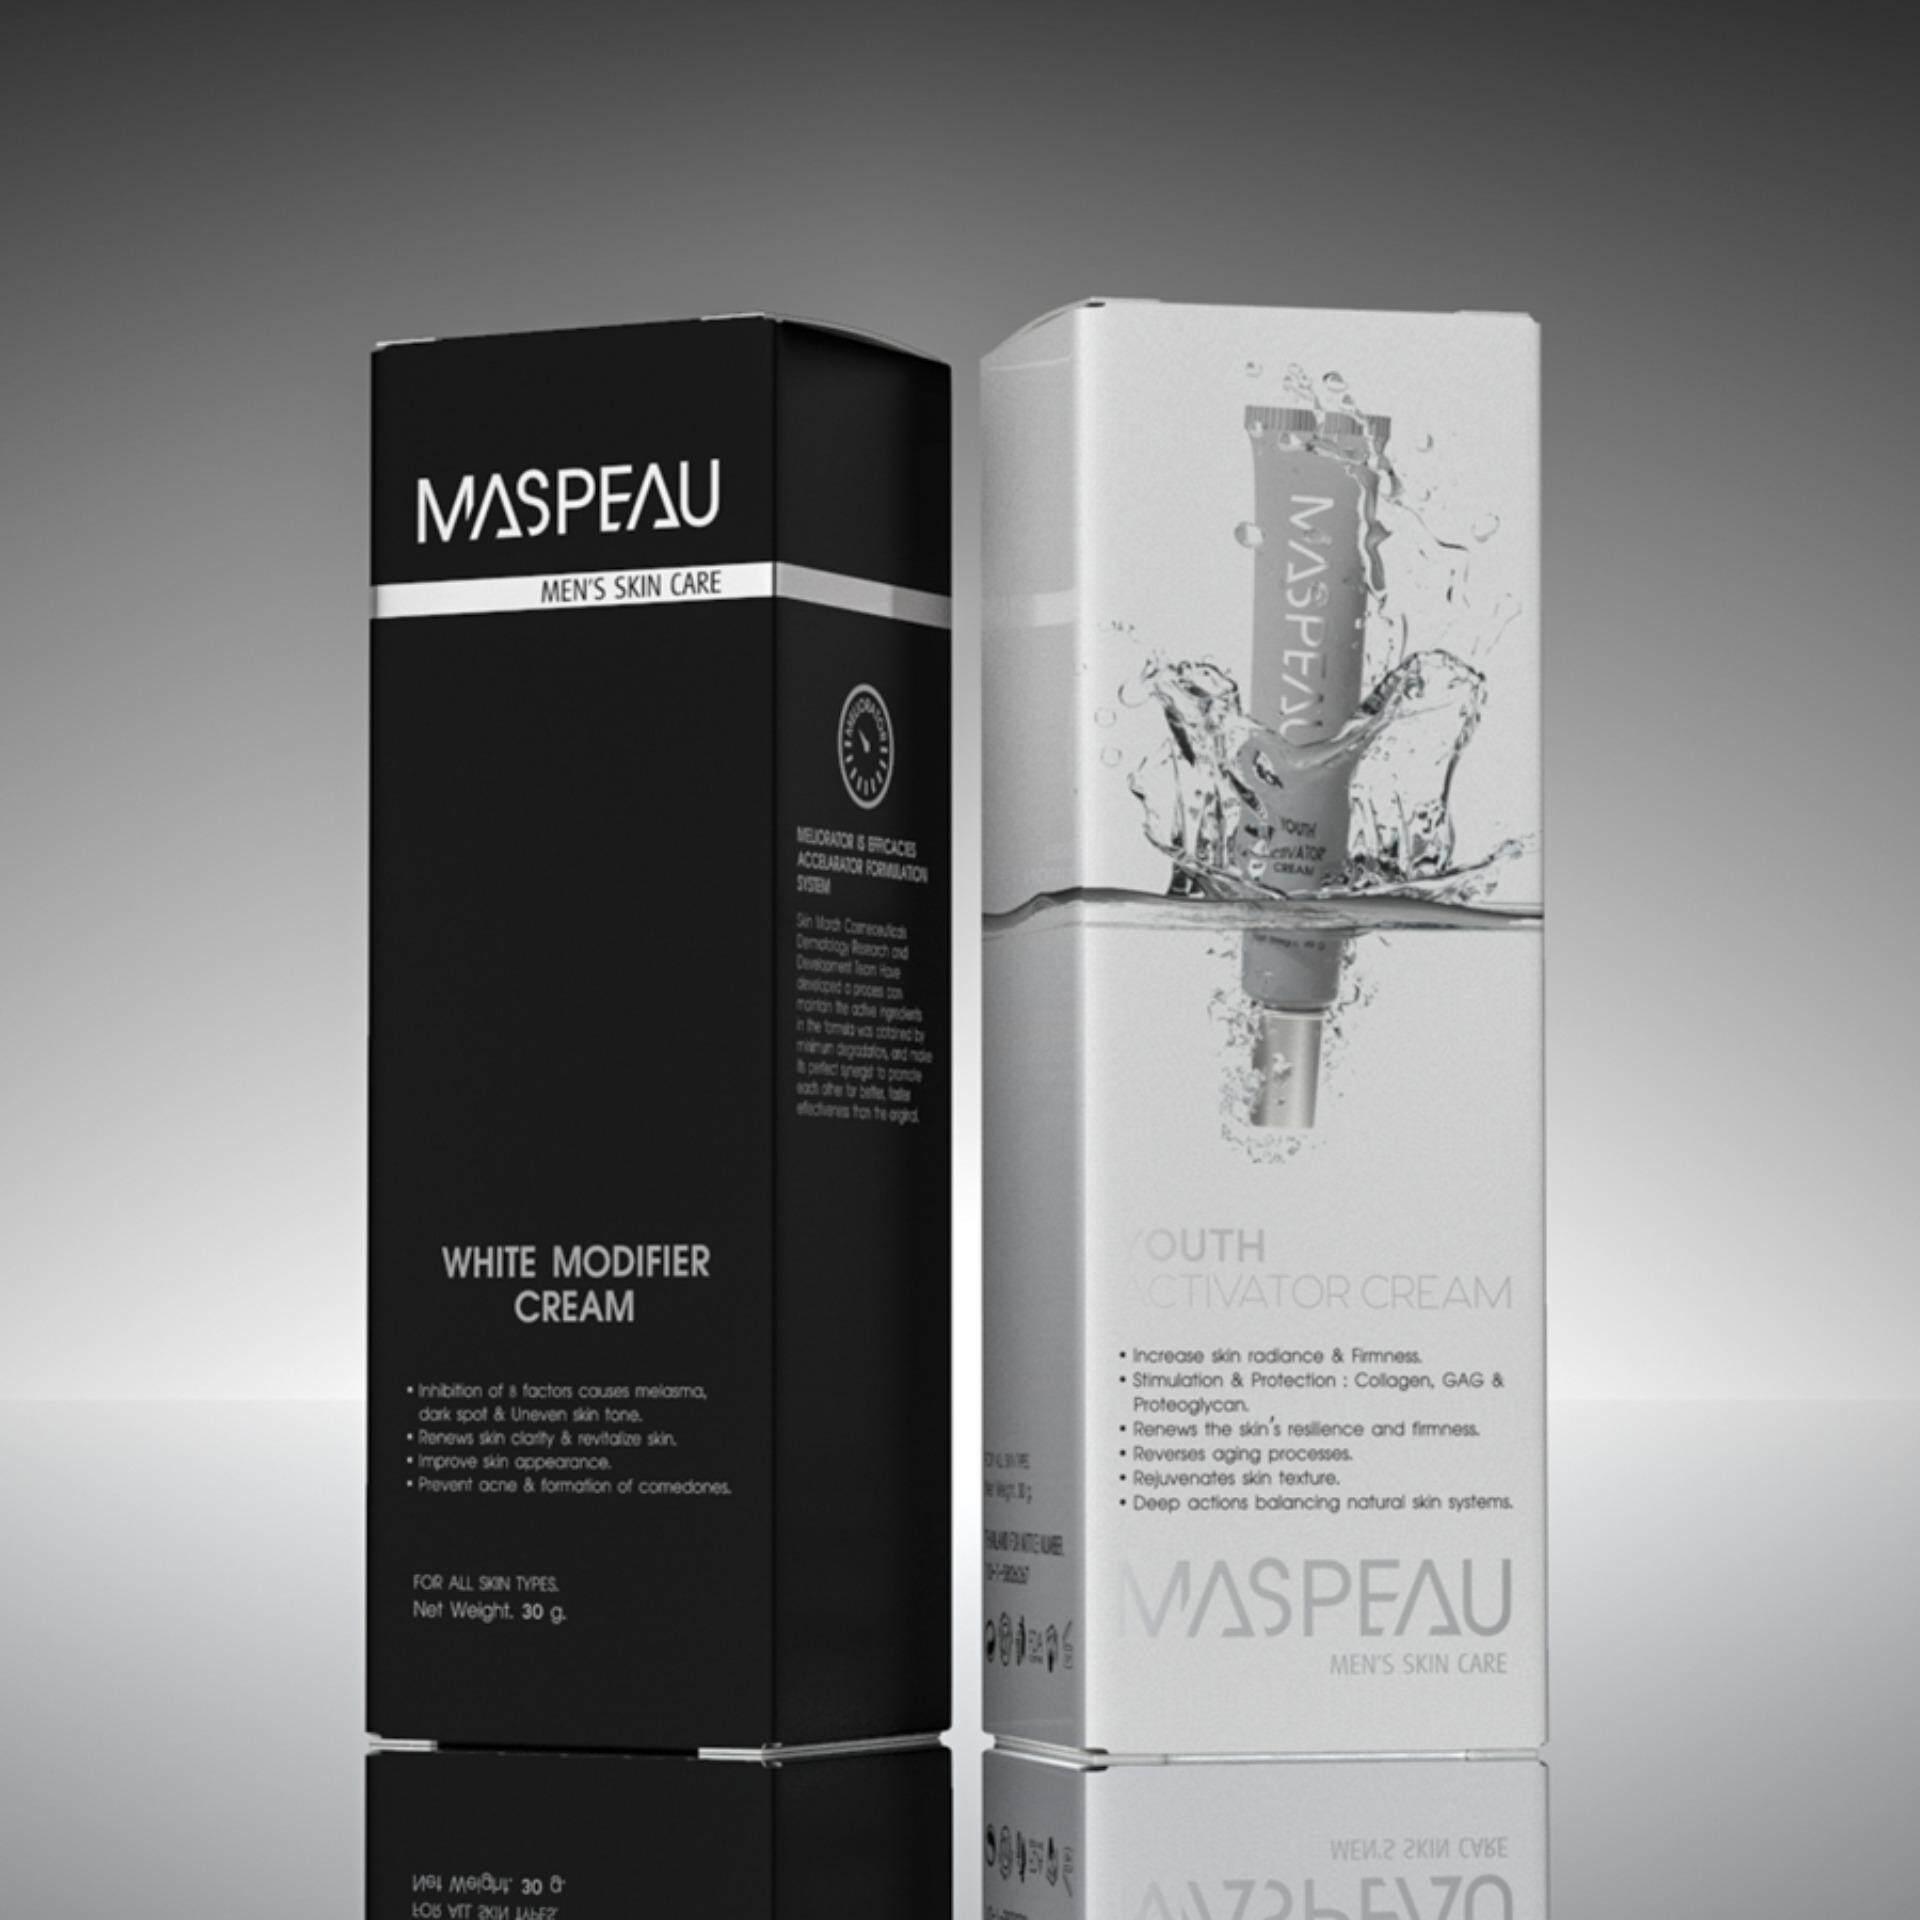 ขาย Maspeau เซ็ทคู่ครีมบำรุงเพื่อผิวขาวใสไร้ริ้วรอย White Modifier Cream Youth Activator Cream ออนไลน์ กรุงเทพมหานคร